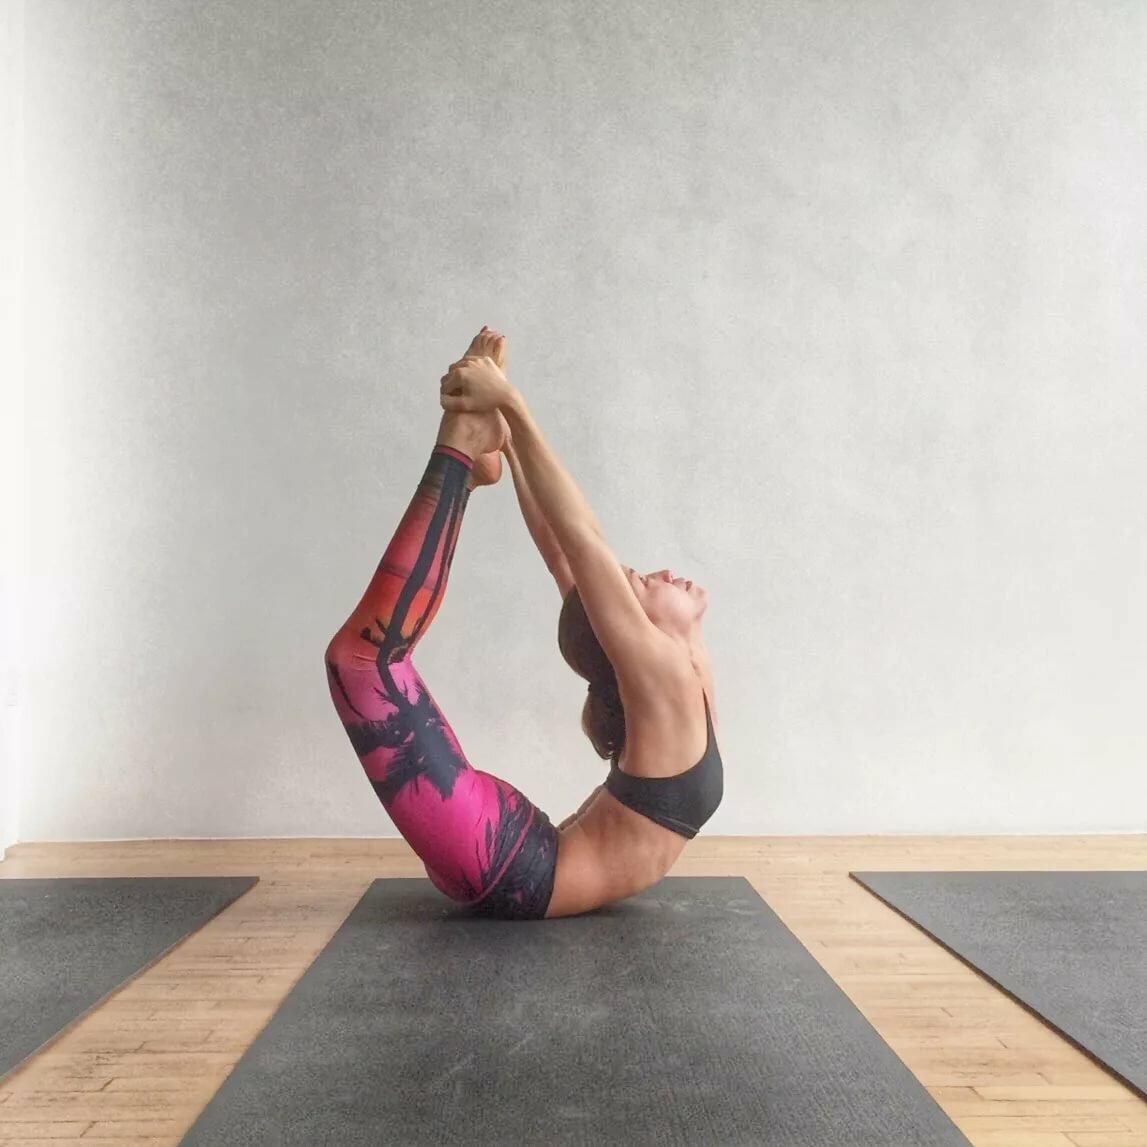 инструкция картинки легкие йоги с одним человеком форму продолговатой пластины